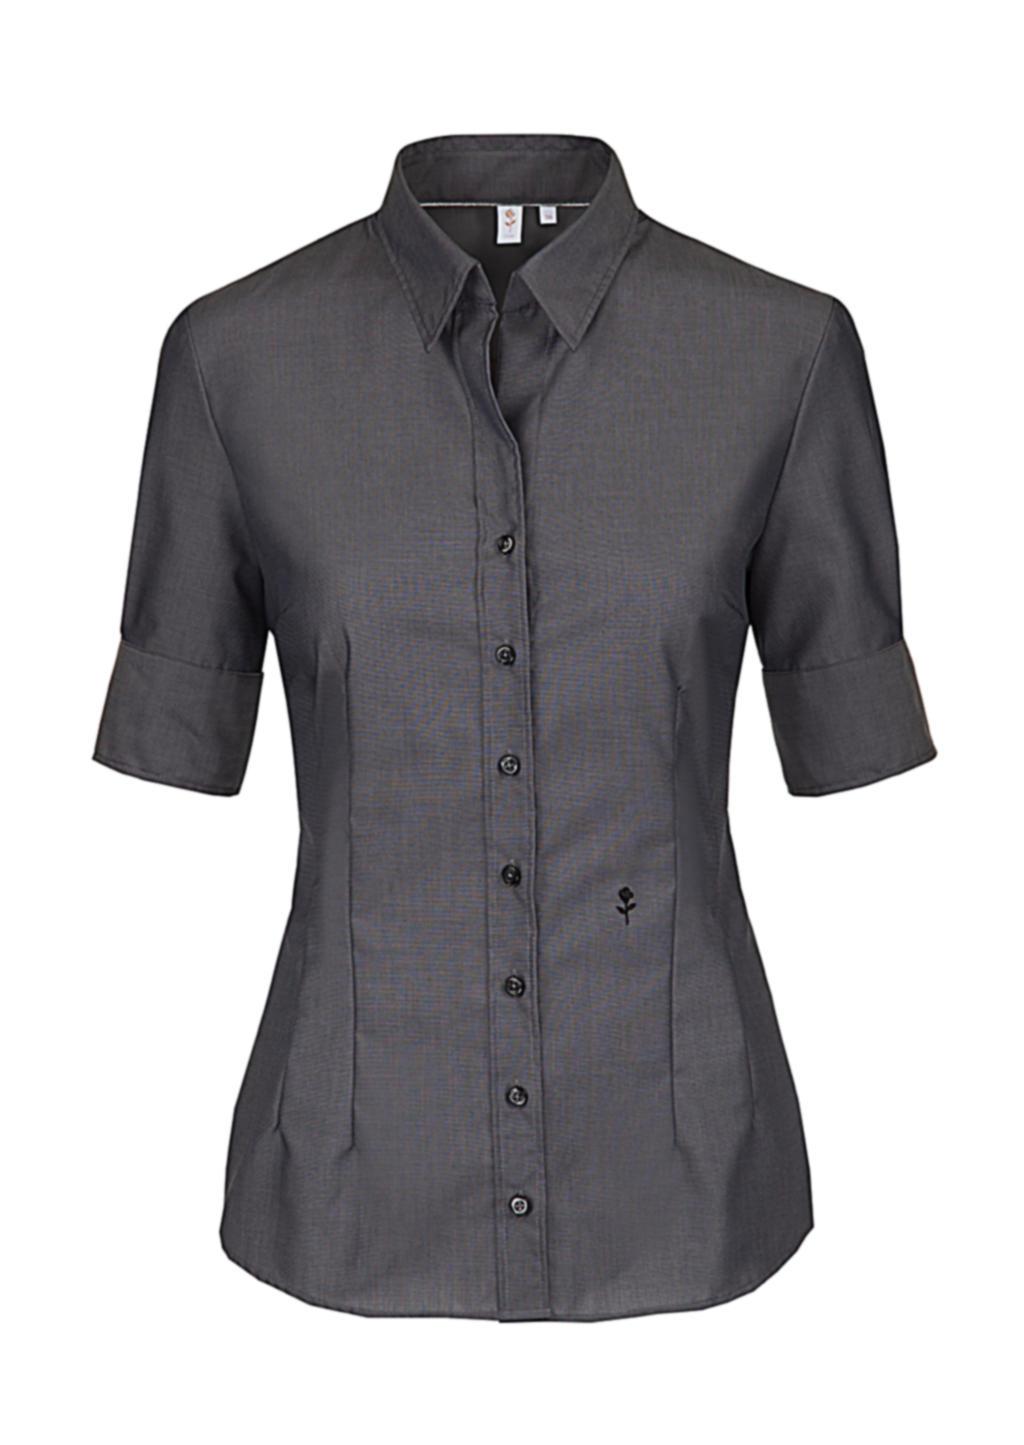 Dámská košile Èerná rùže s krátkým rukávem - zvìtšit obrázek